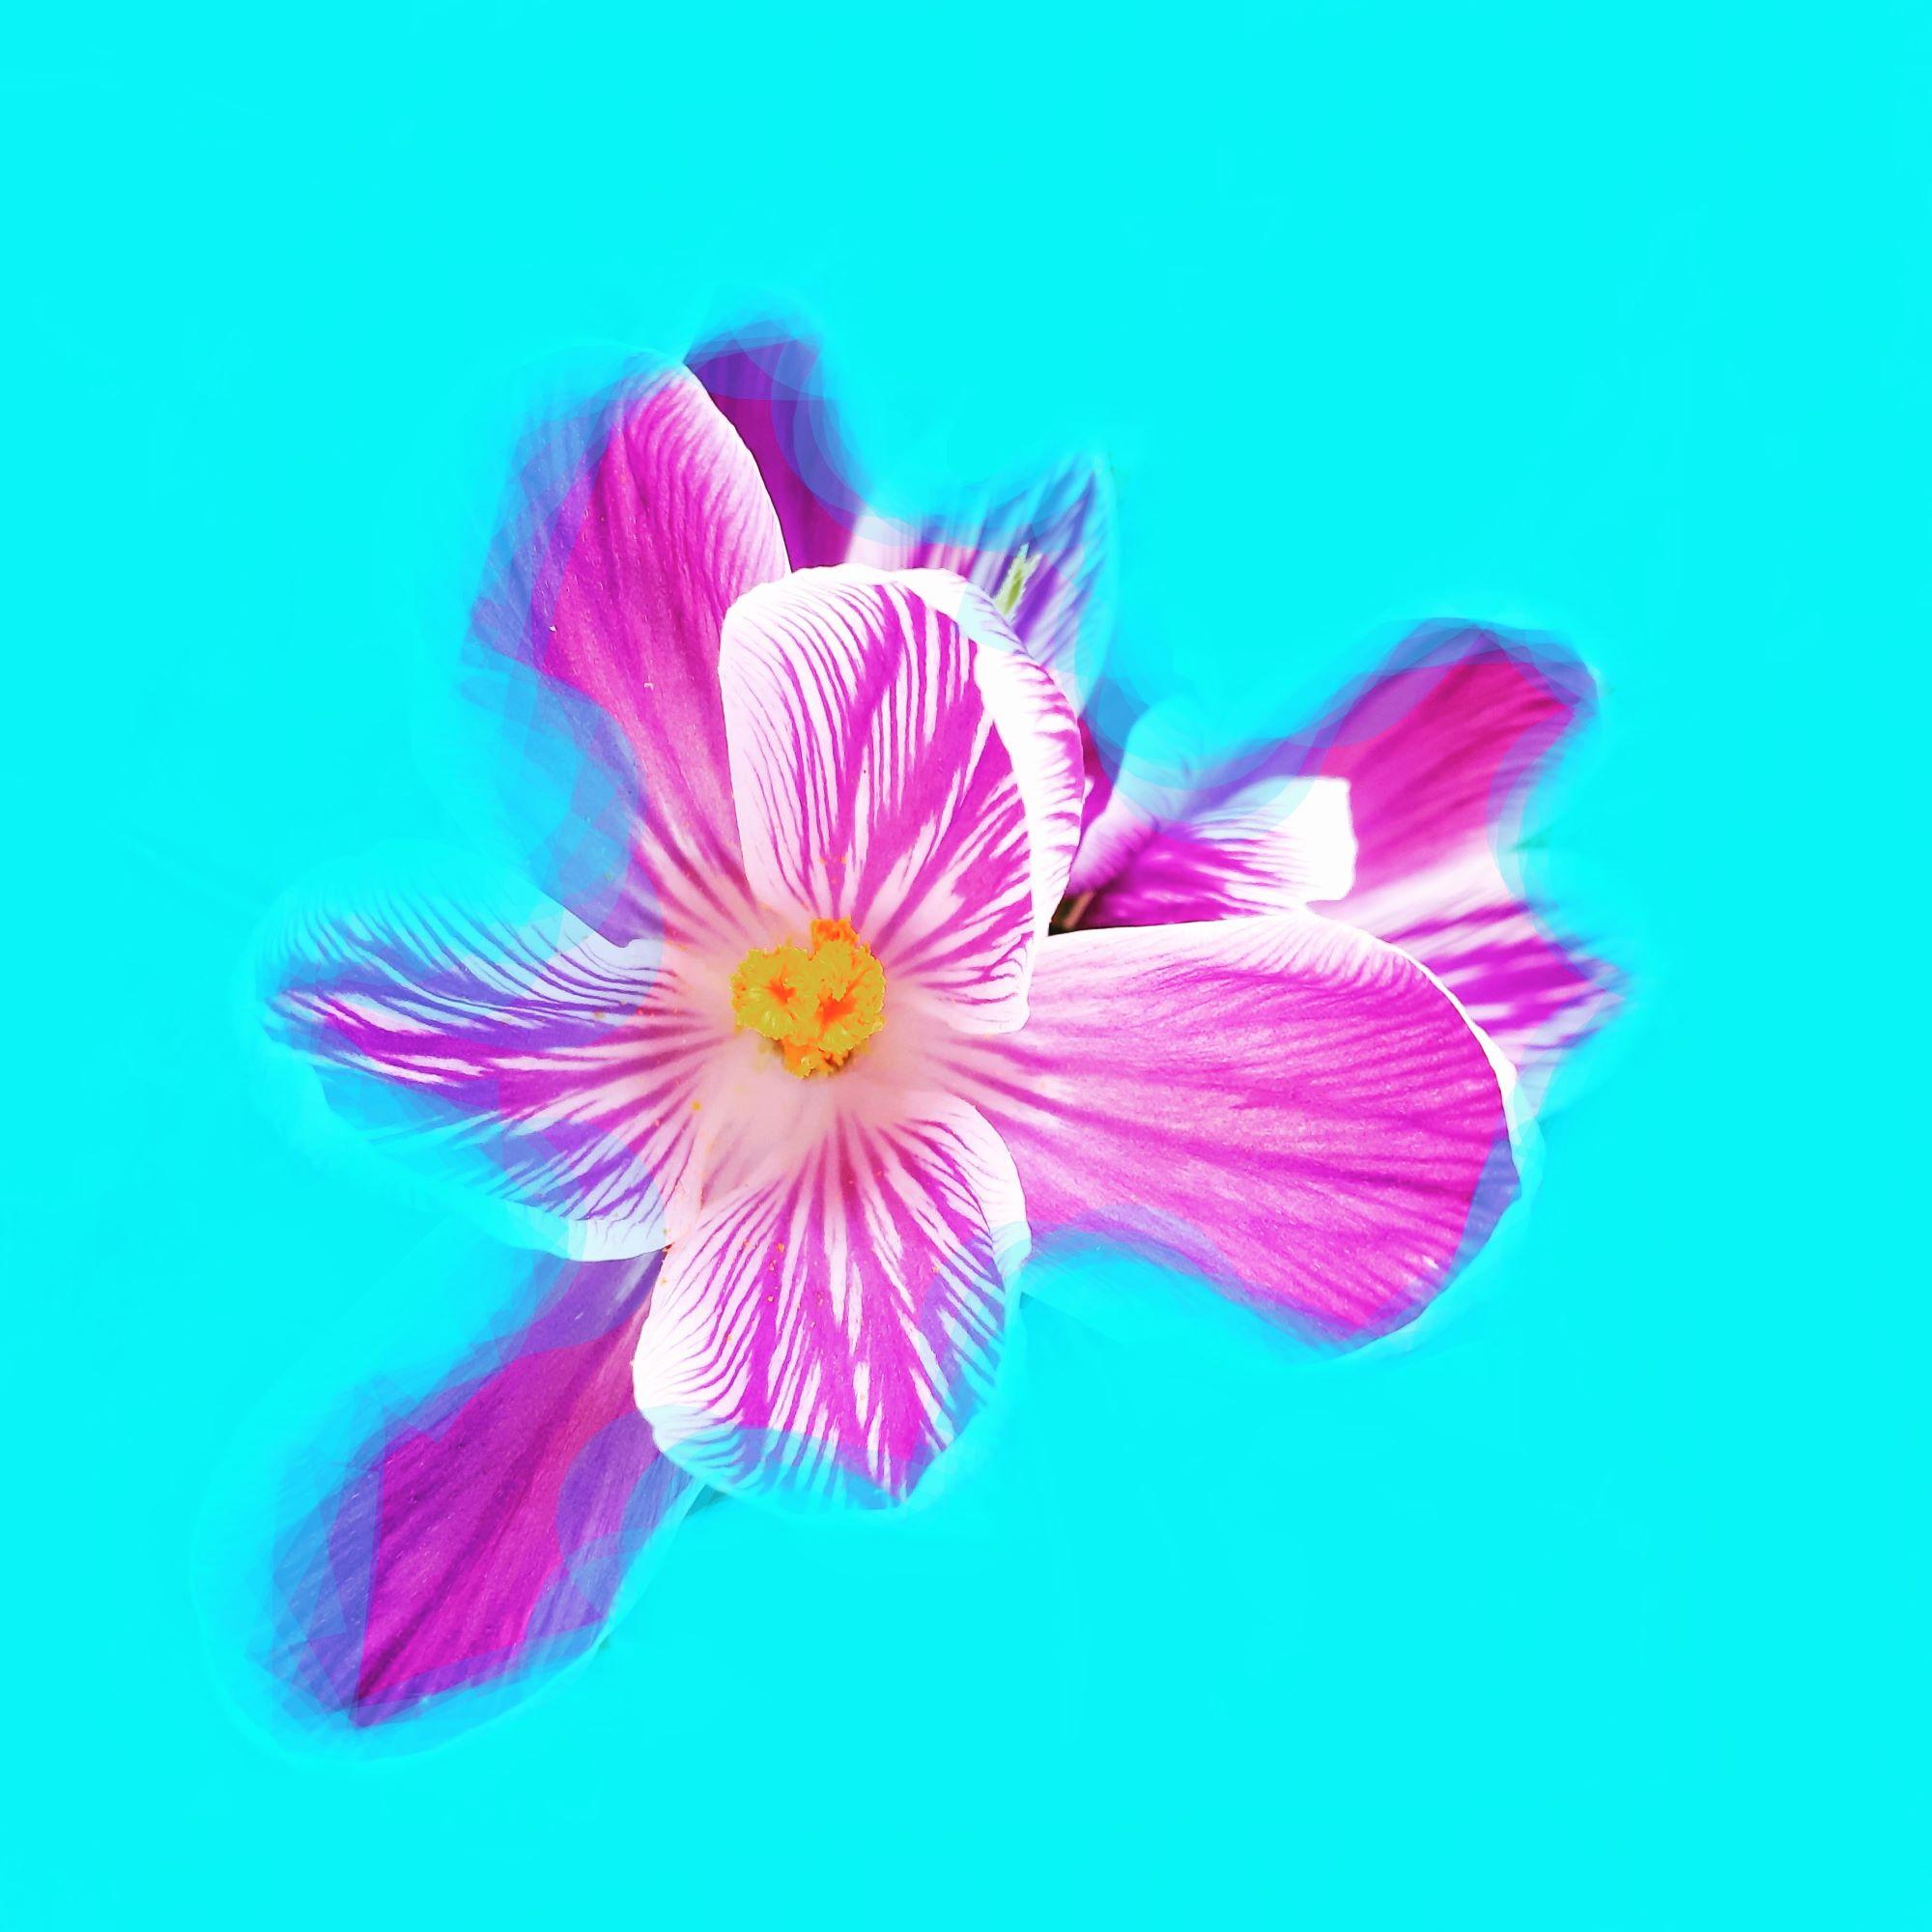 © Caterina Codato | Di fiore in fiore